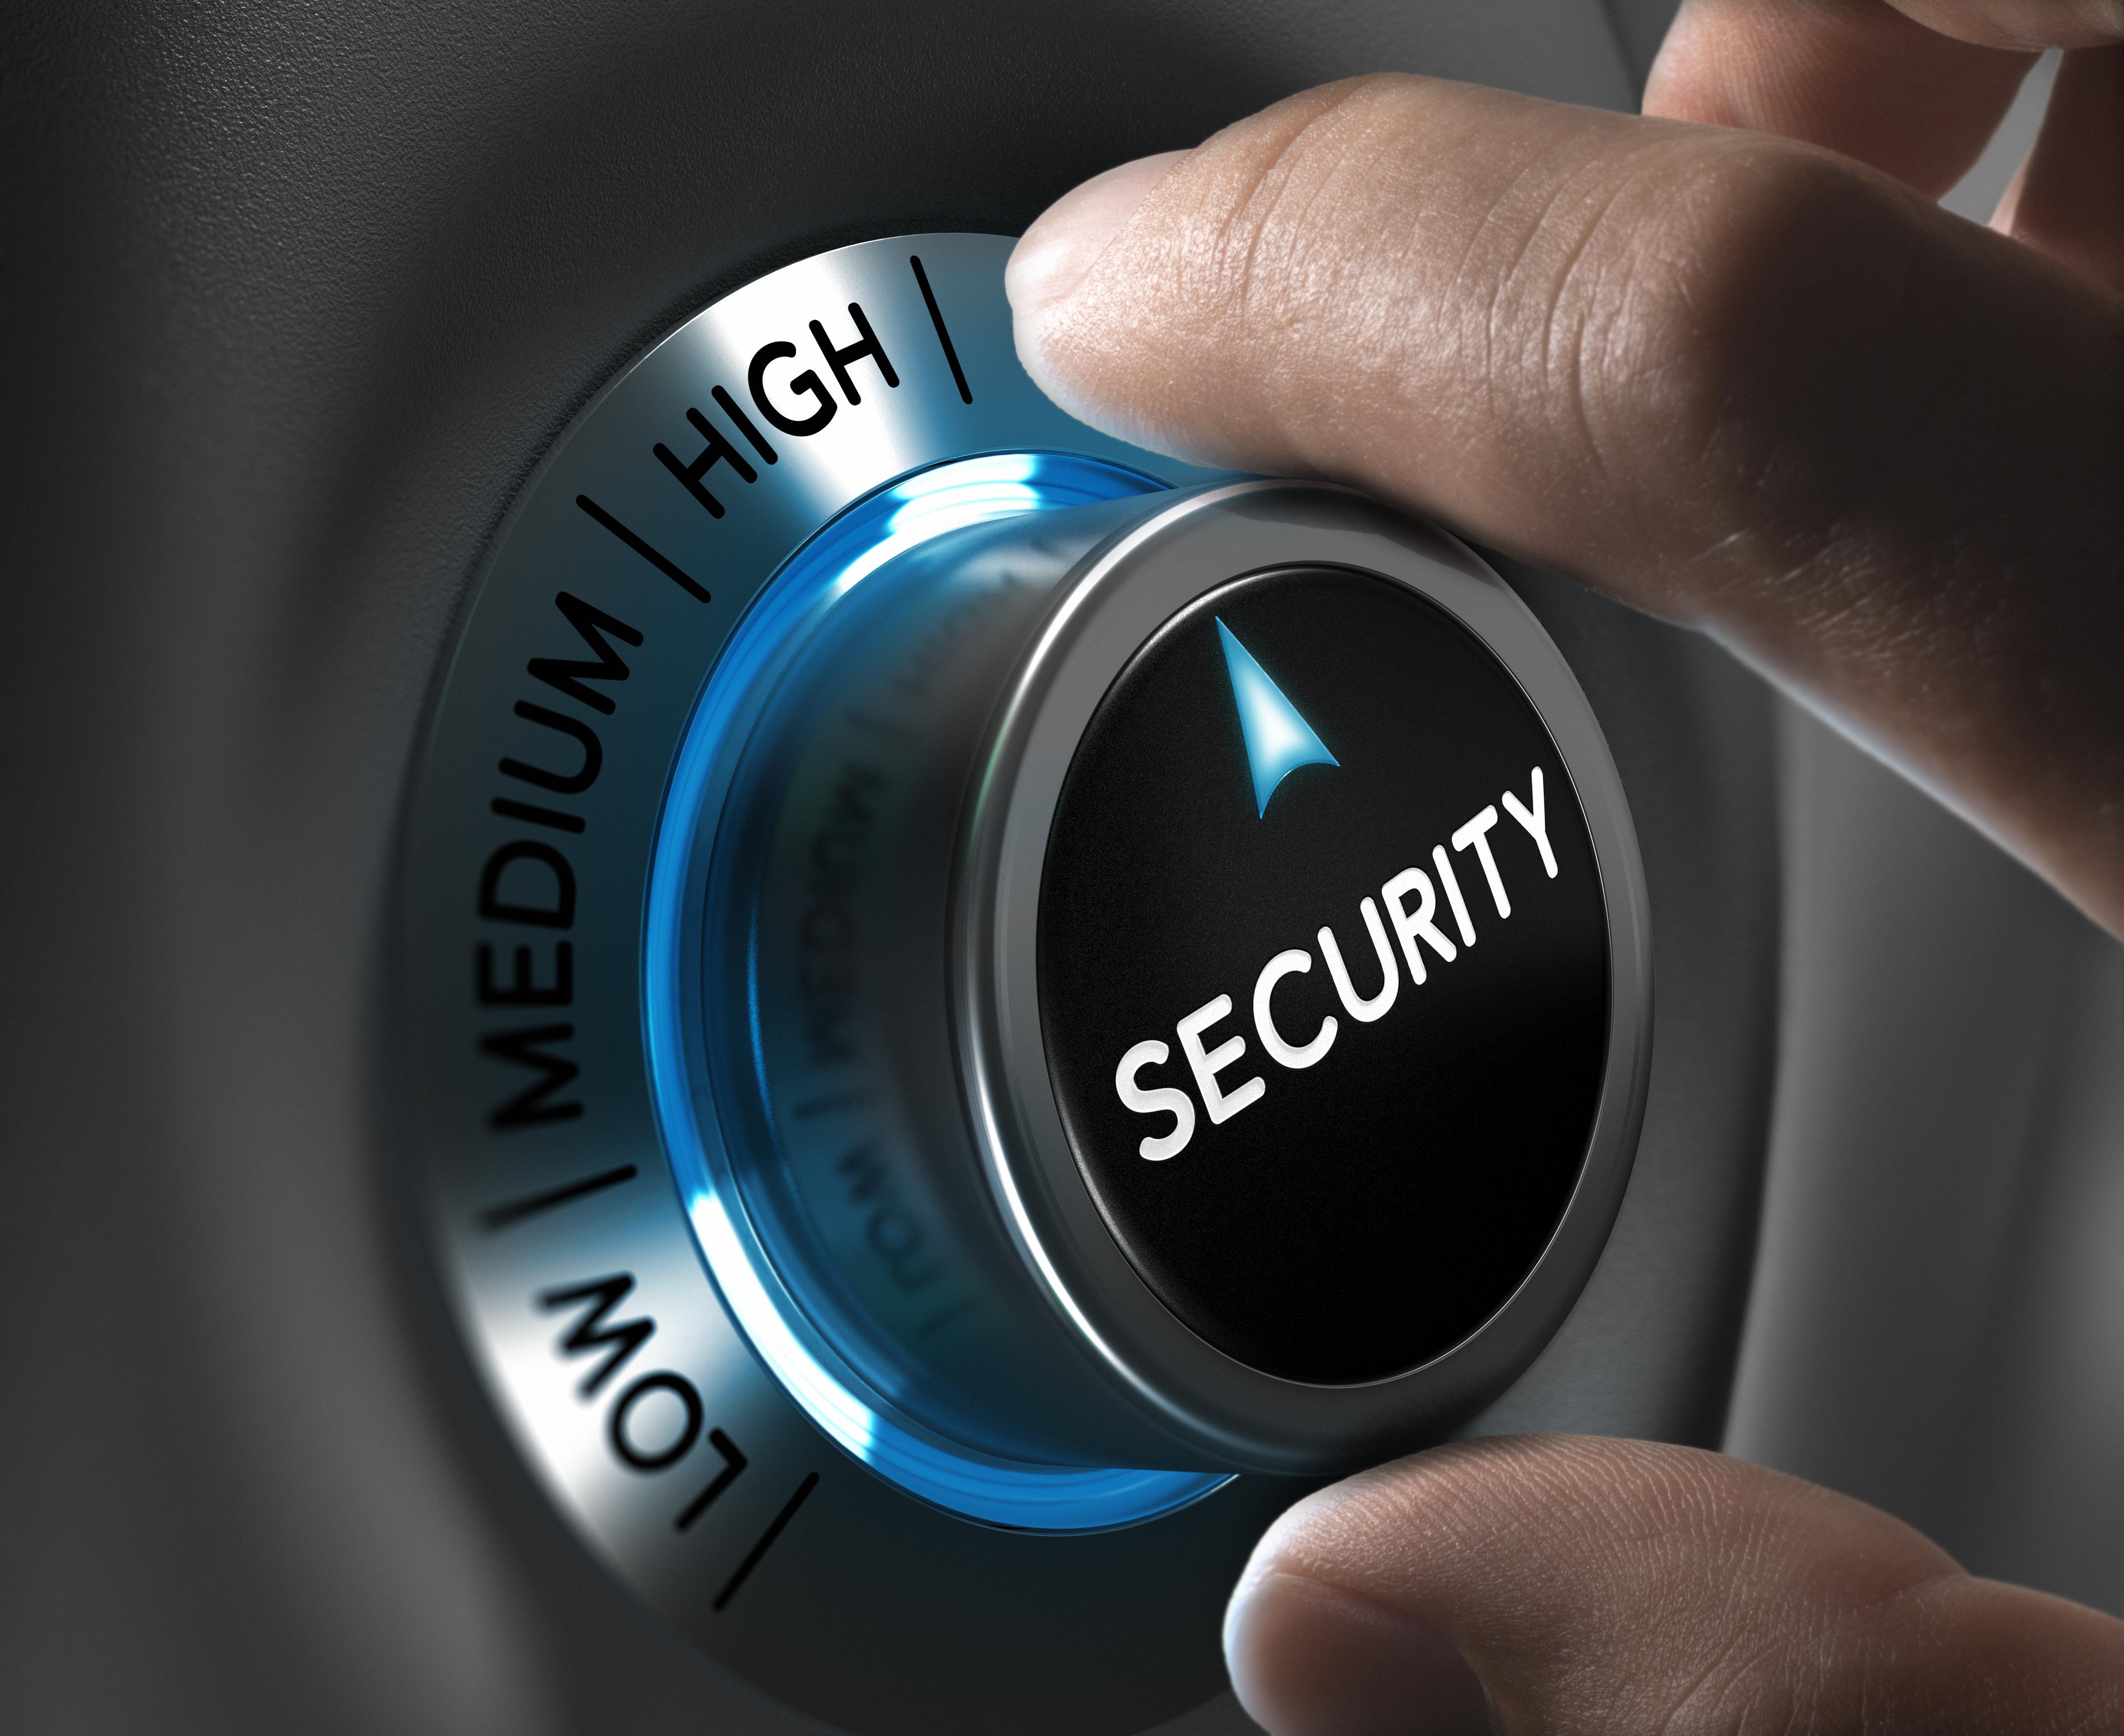 Cybersecurity, per le aziende è tempo di ripensare le strategie di difesa